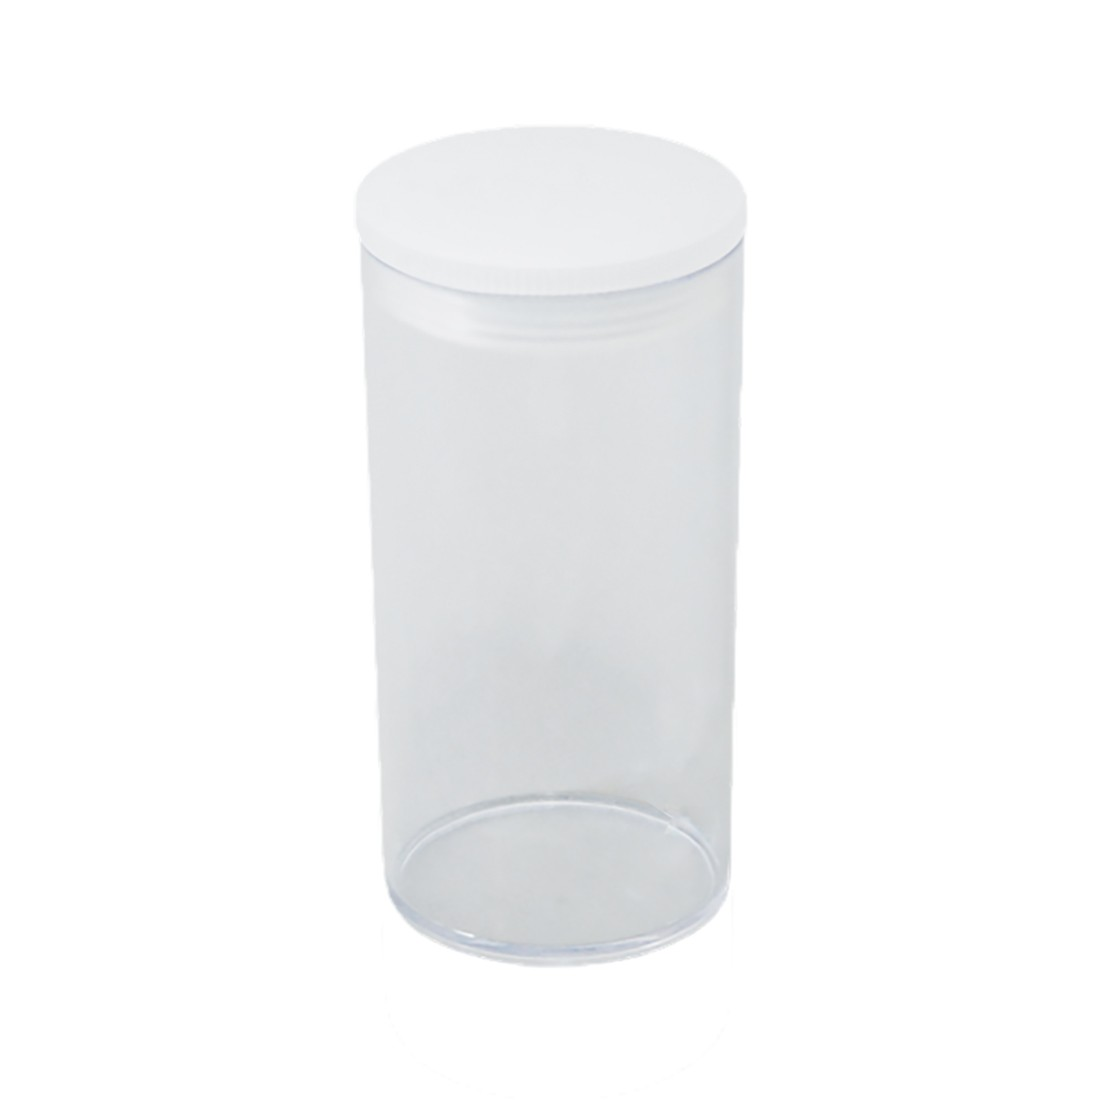 Potinho de Acrílico Cristal 23 ml kit com 100 unid